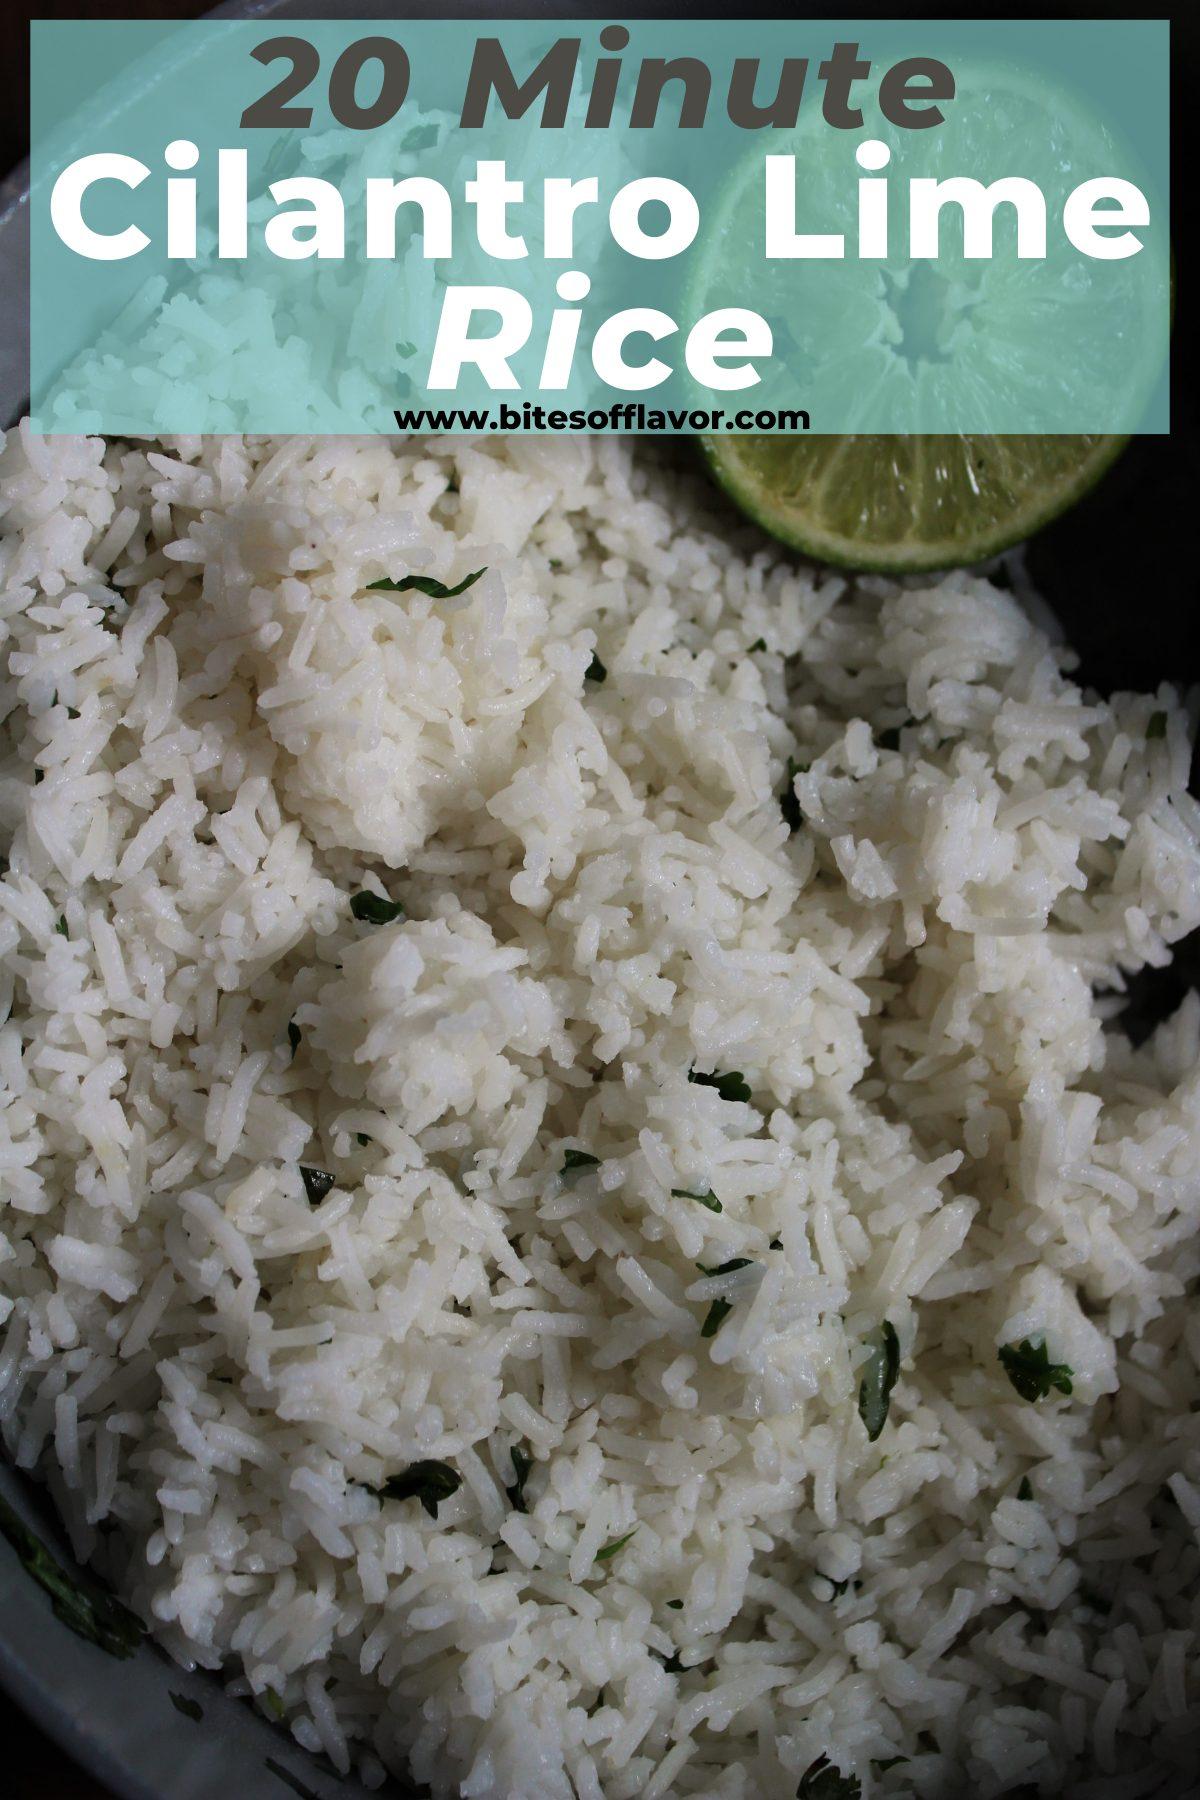 20 Minute Cilantro Lime Rice